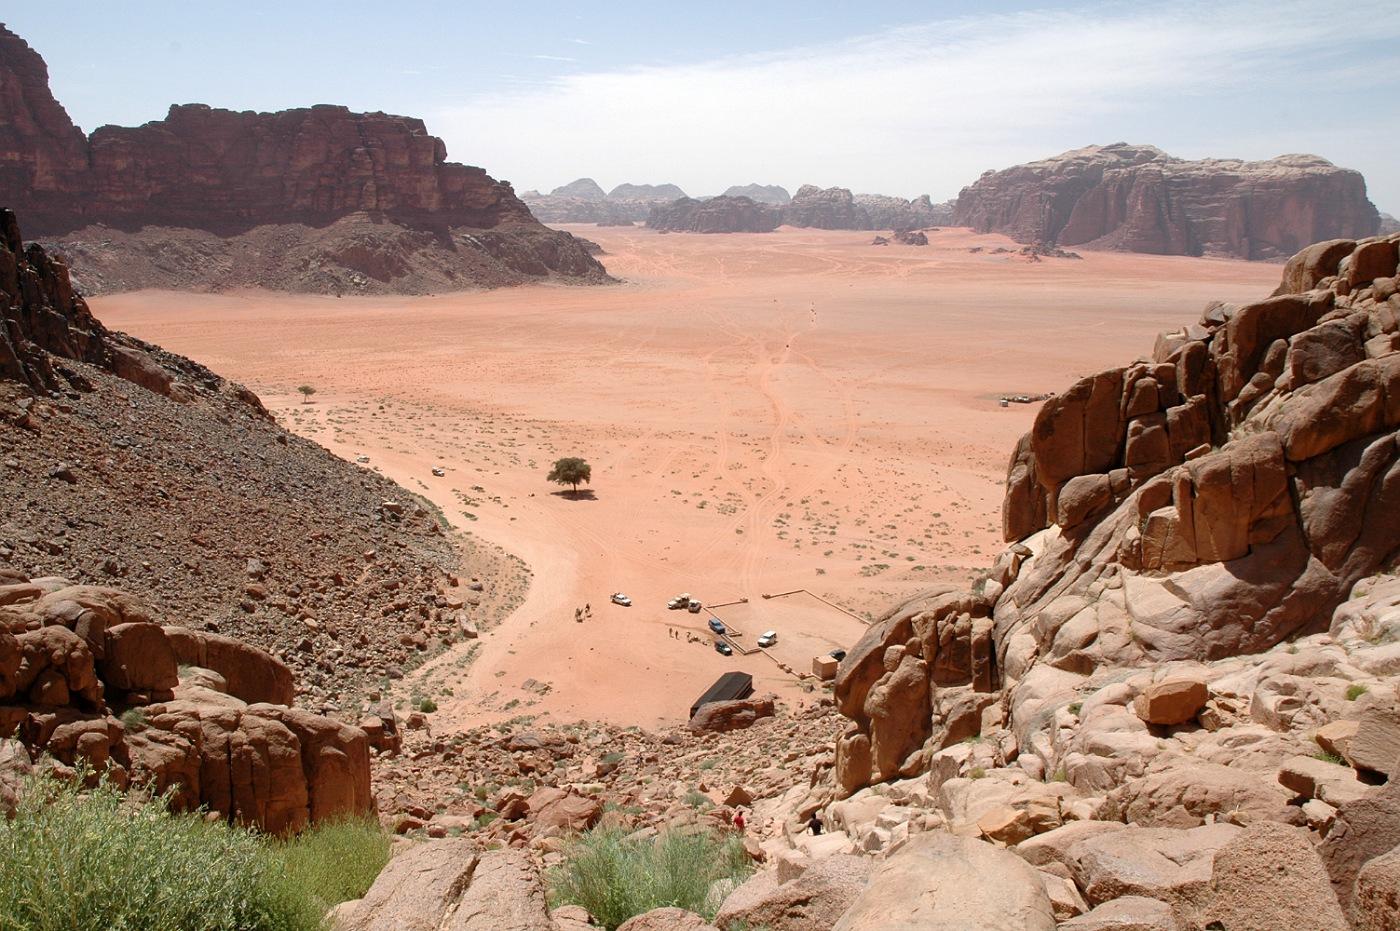 autunno 2020 dove andare in viaggio giordania coronavirus